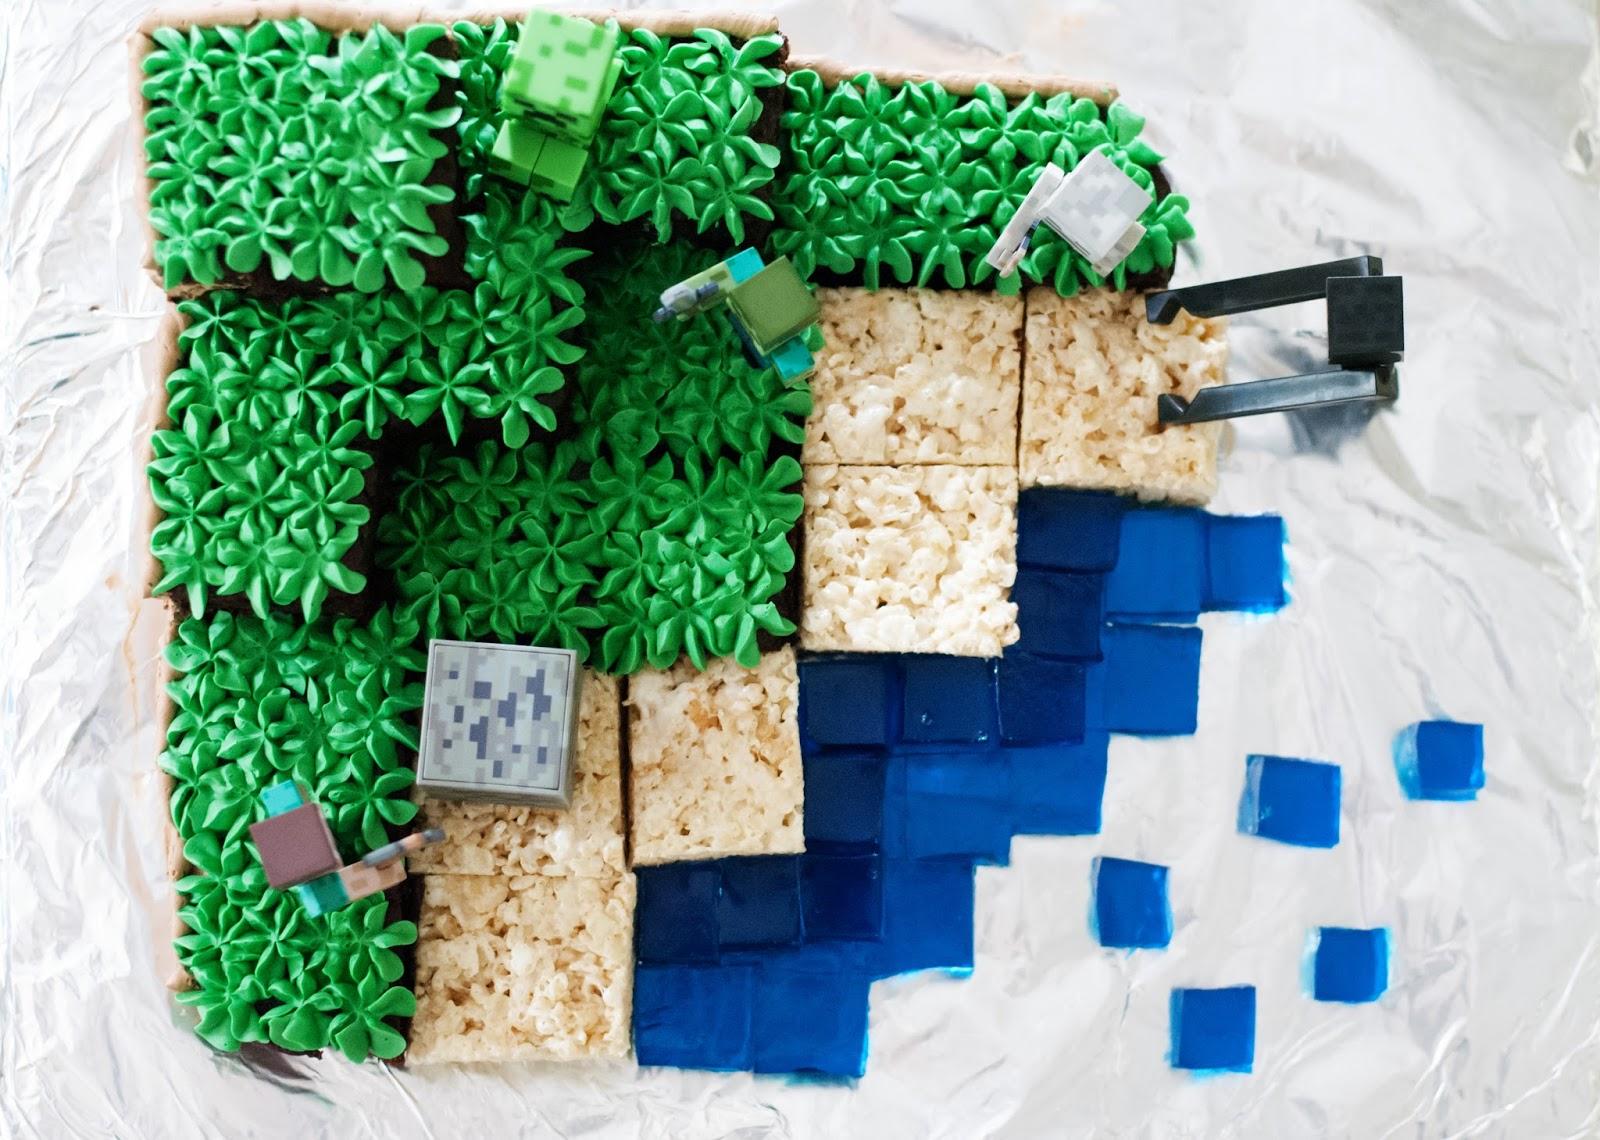 How To Make A Minecraft Cake Recipe